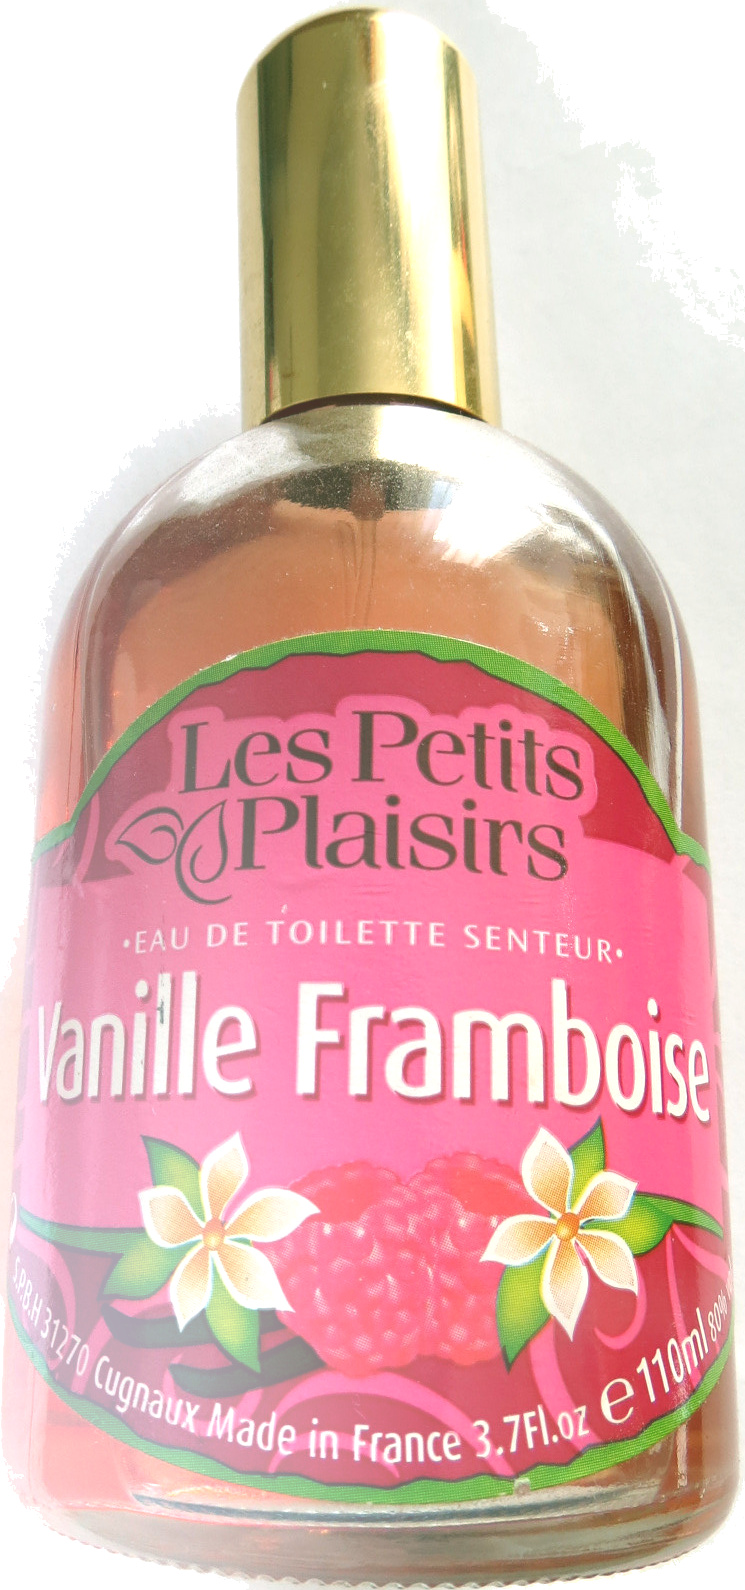 Eau de toilette senteur Vanille Framboise - Produit - fr